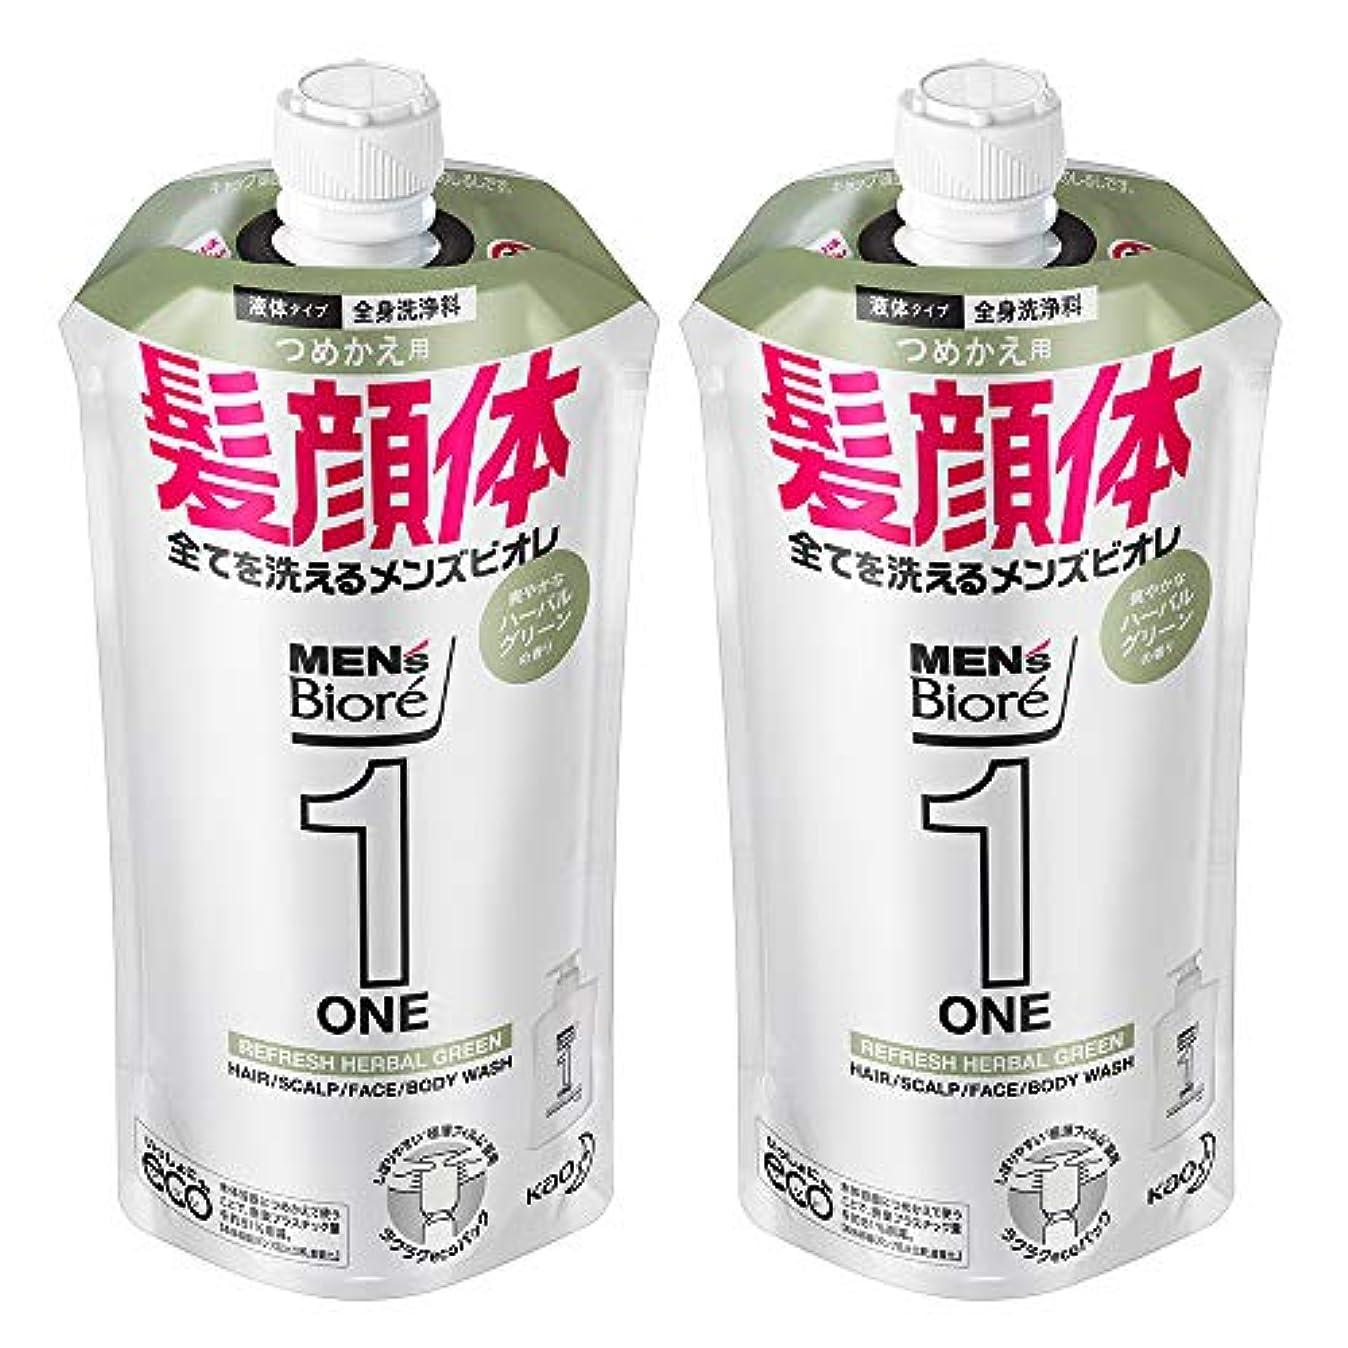 シンク摂動最悪【まとめ買い】メンズビオレ ONE オールインワン全身洗浄料 ハーバルグリーンの香り つめかえ用 340ml×2個